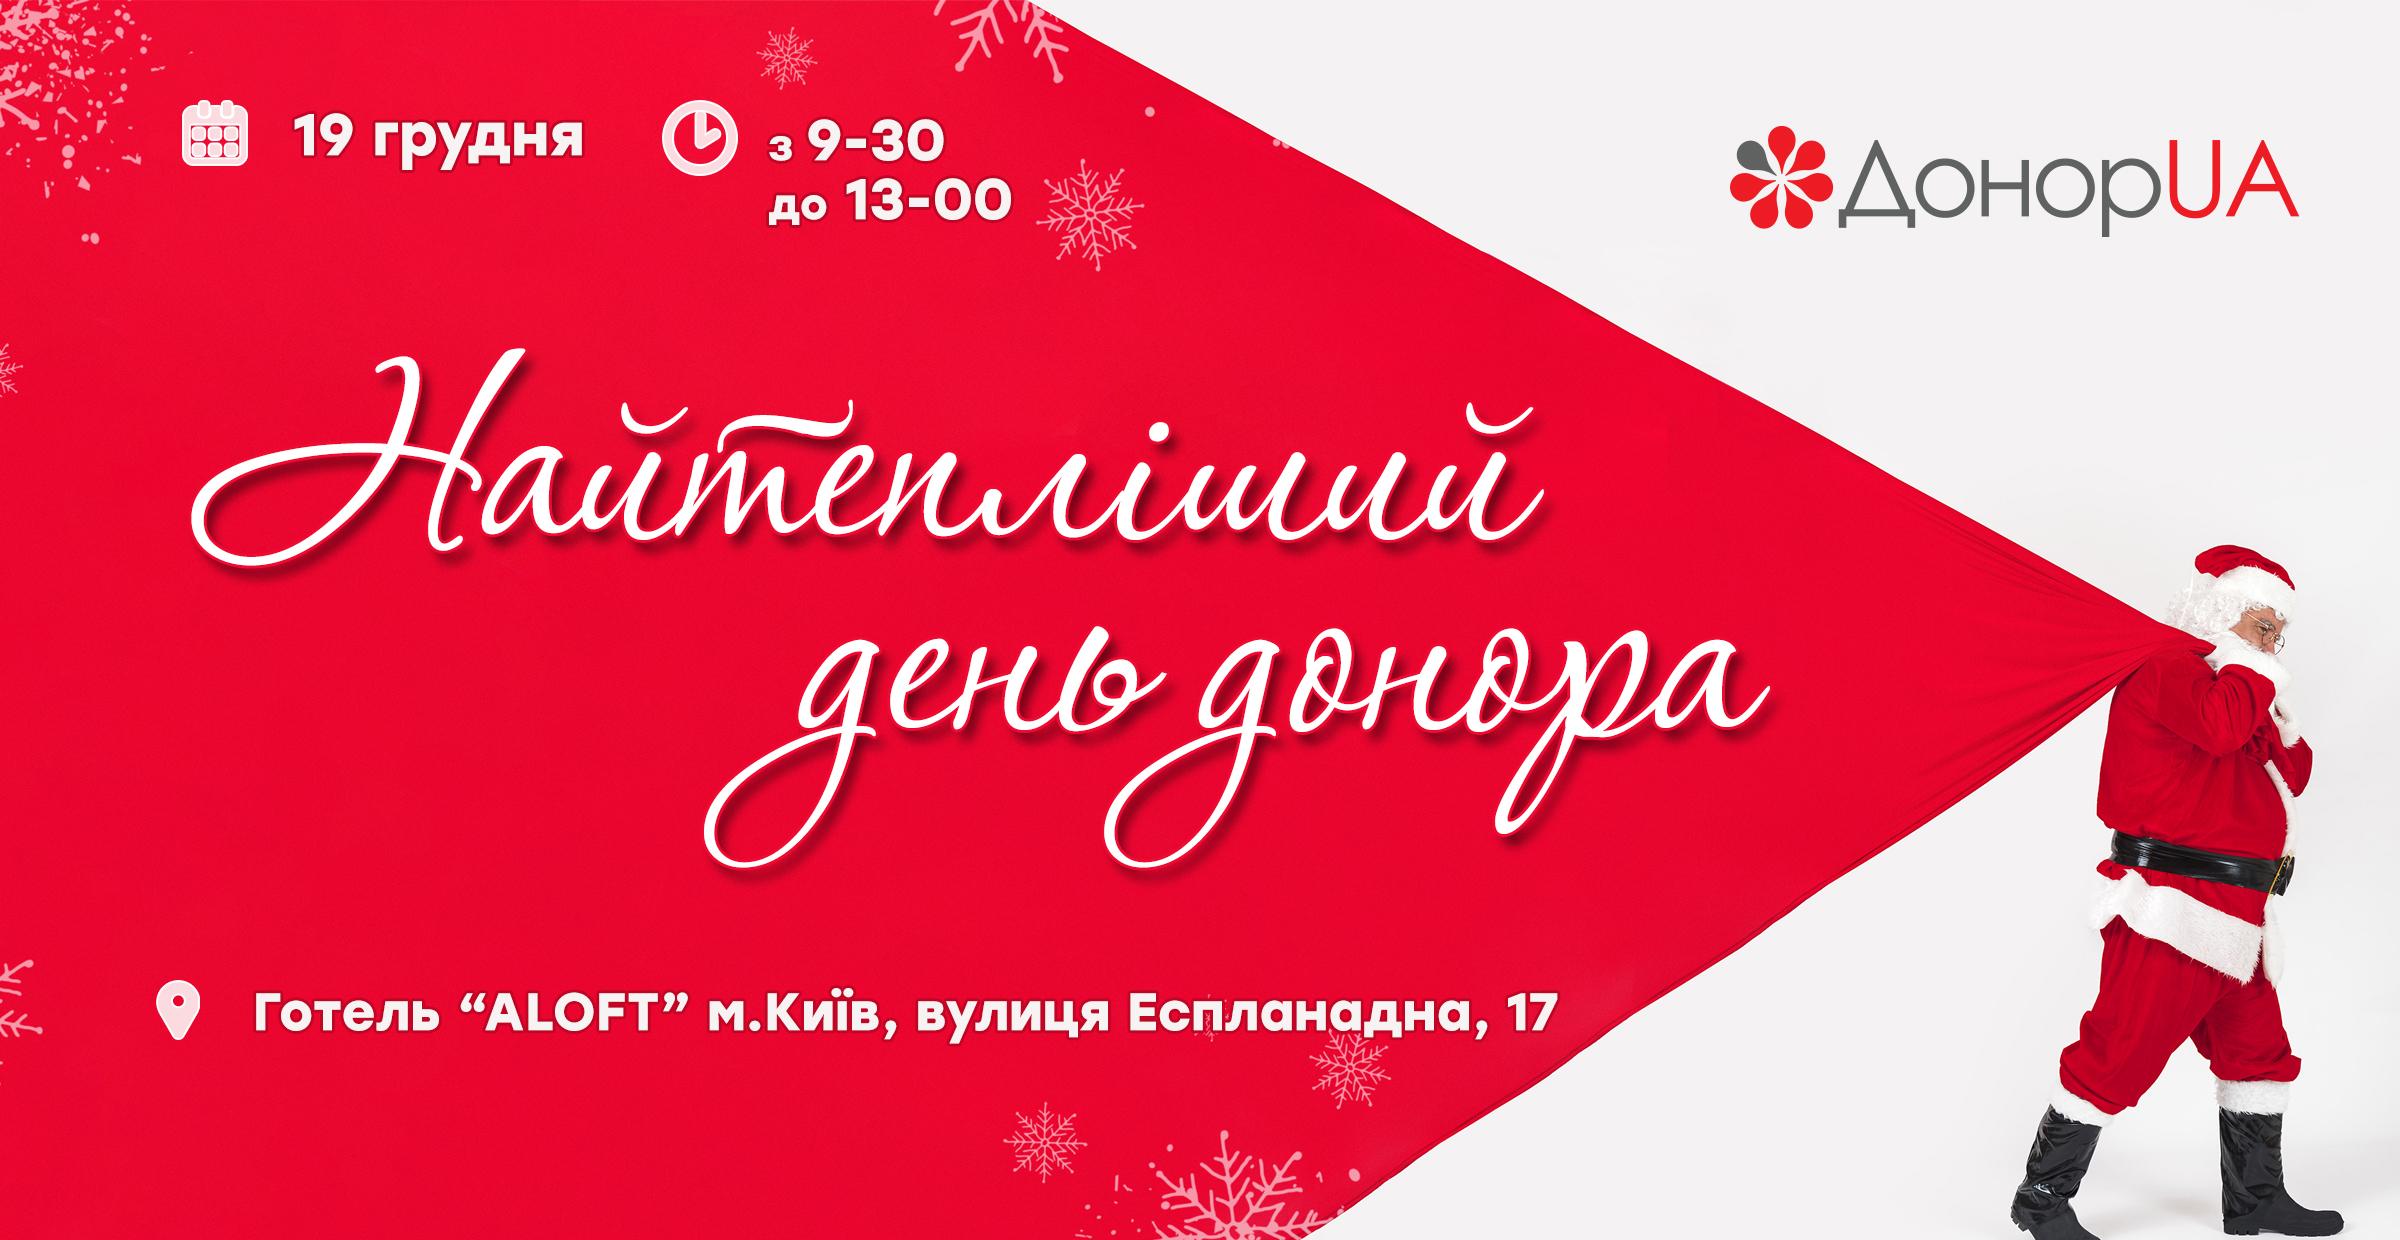 Найтепліший день донора, Київ